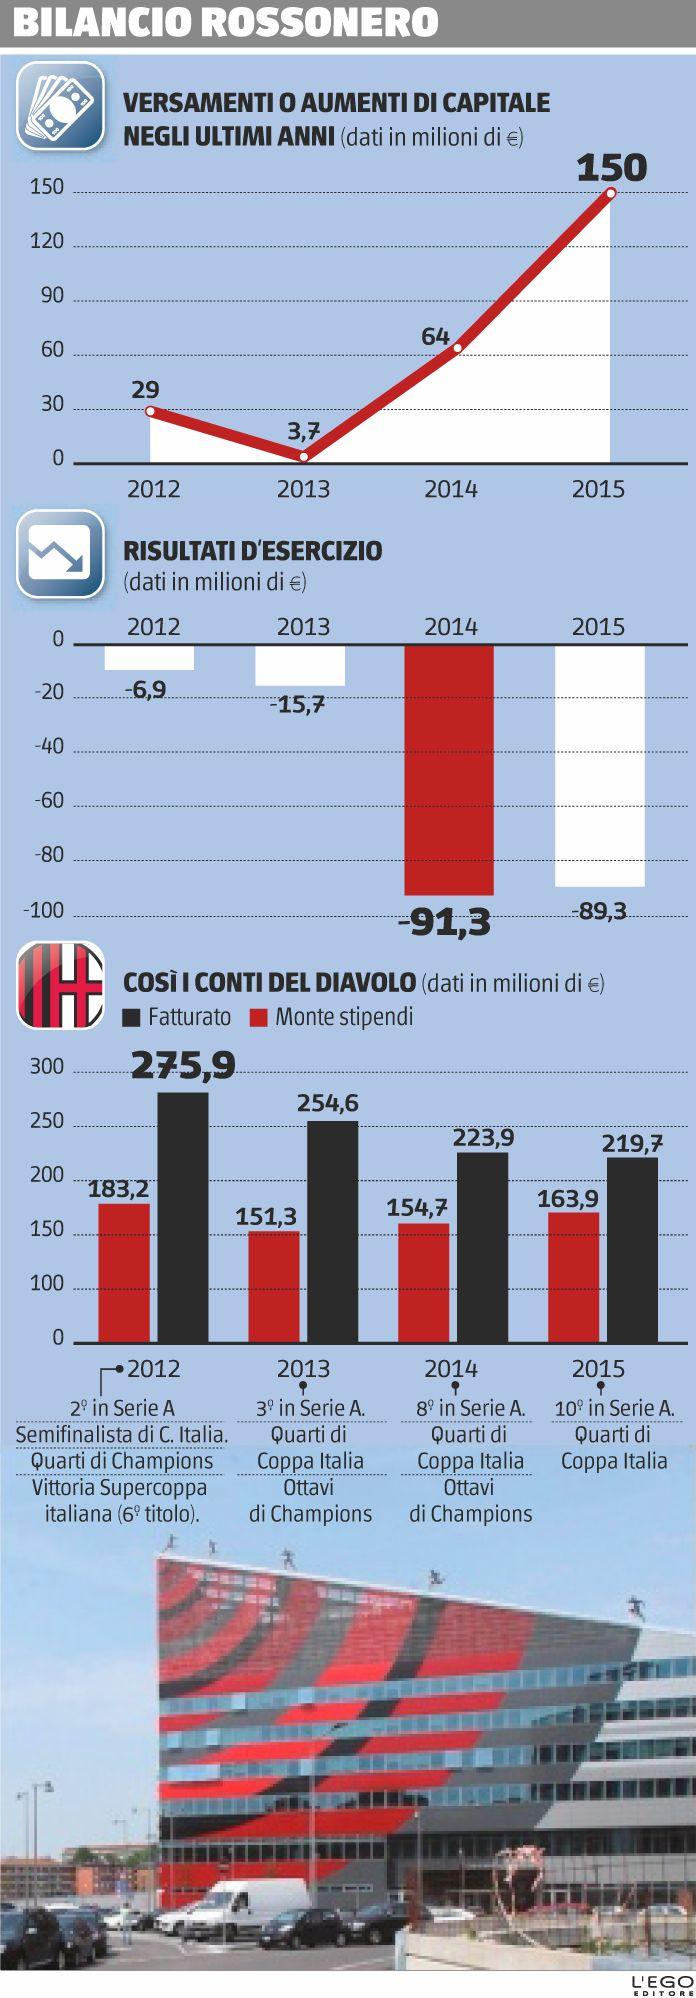 Bilancio Rossonero | il Giornale 29/04/2016 #Milan #infografiche